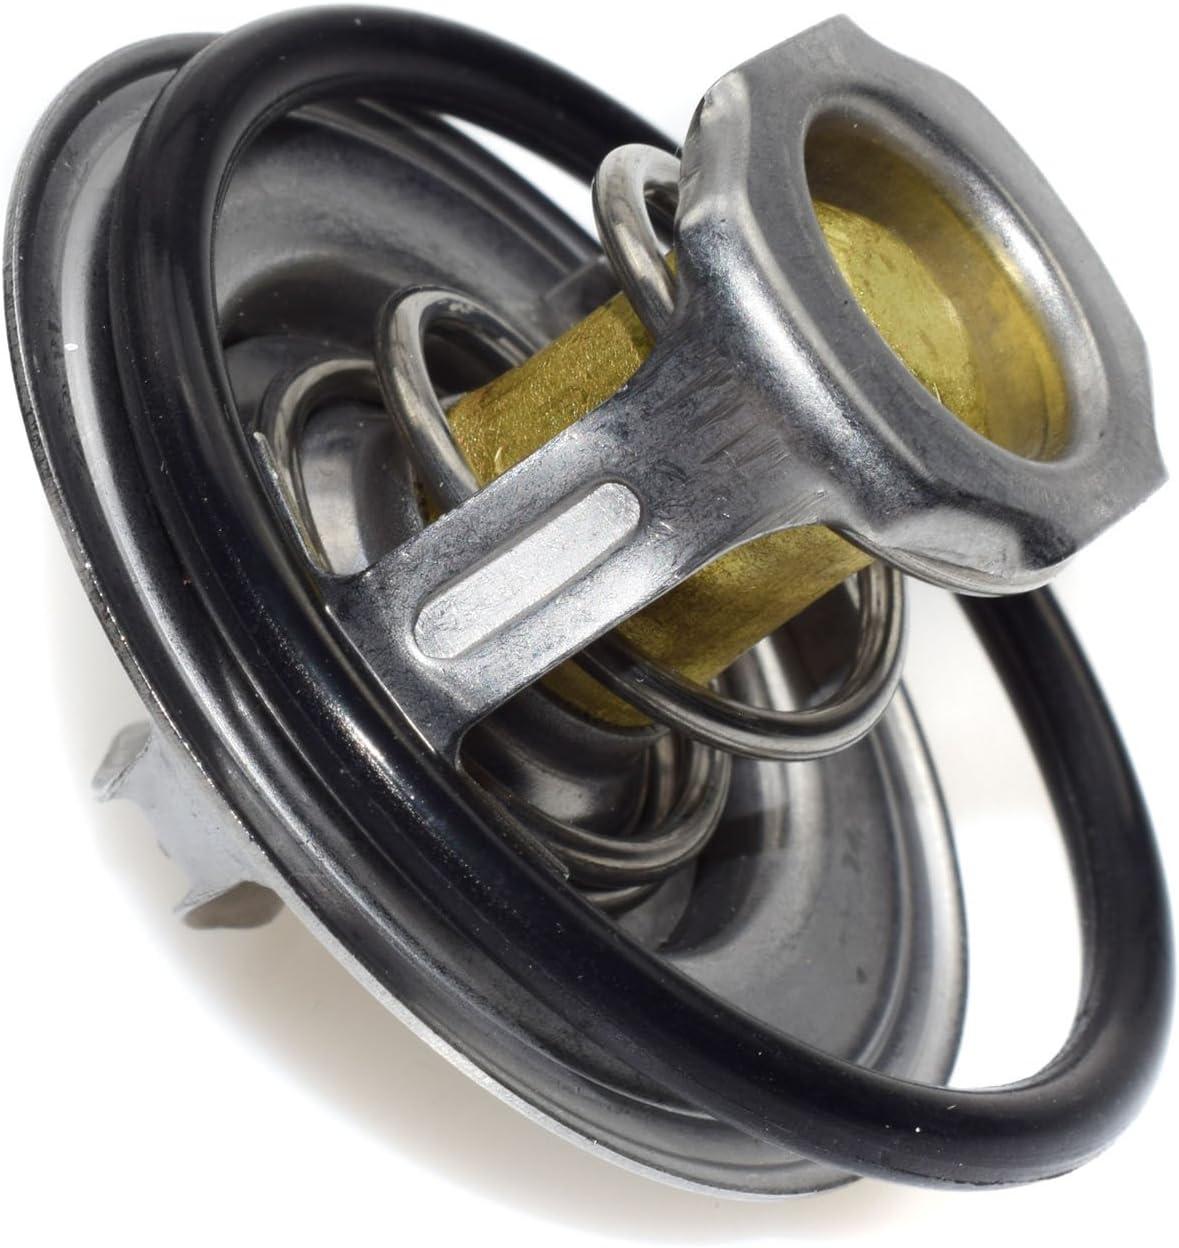 Nueva junta tórica termostato y junta de sellado para VWS Golf Mk4 ...